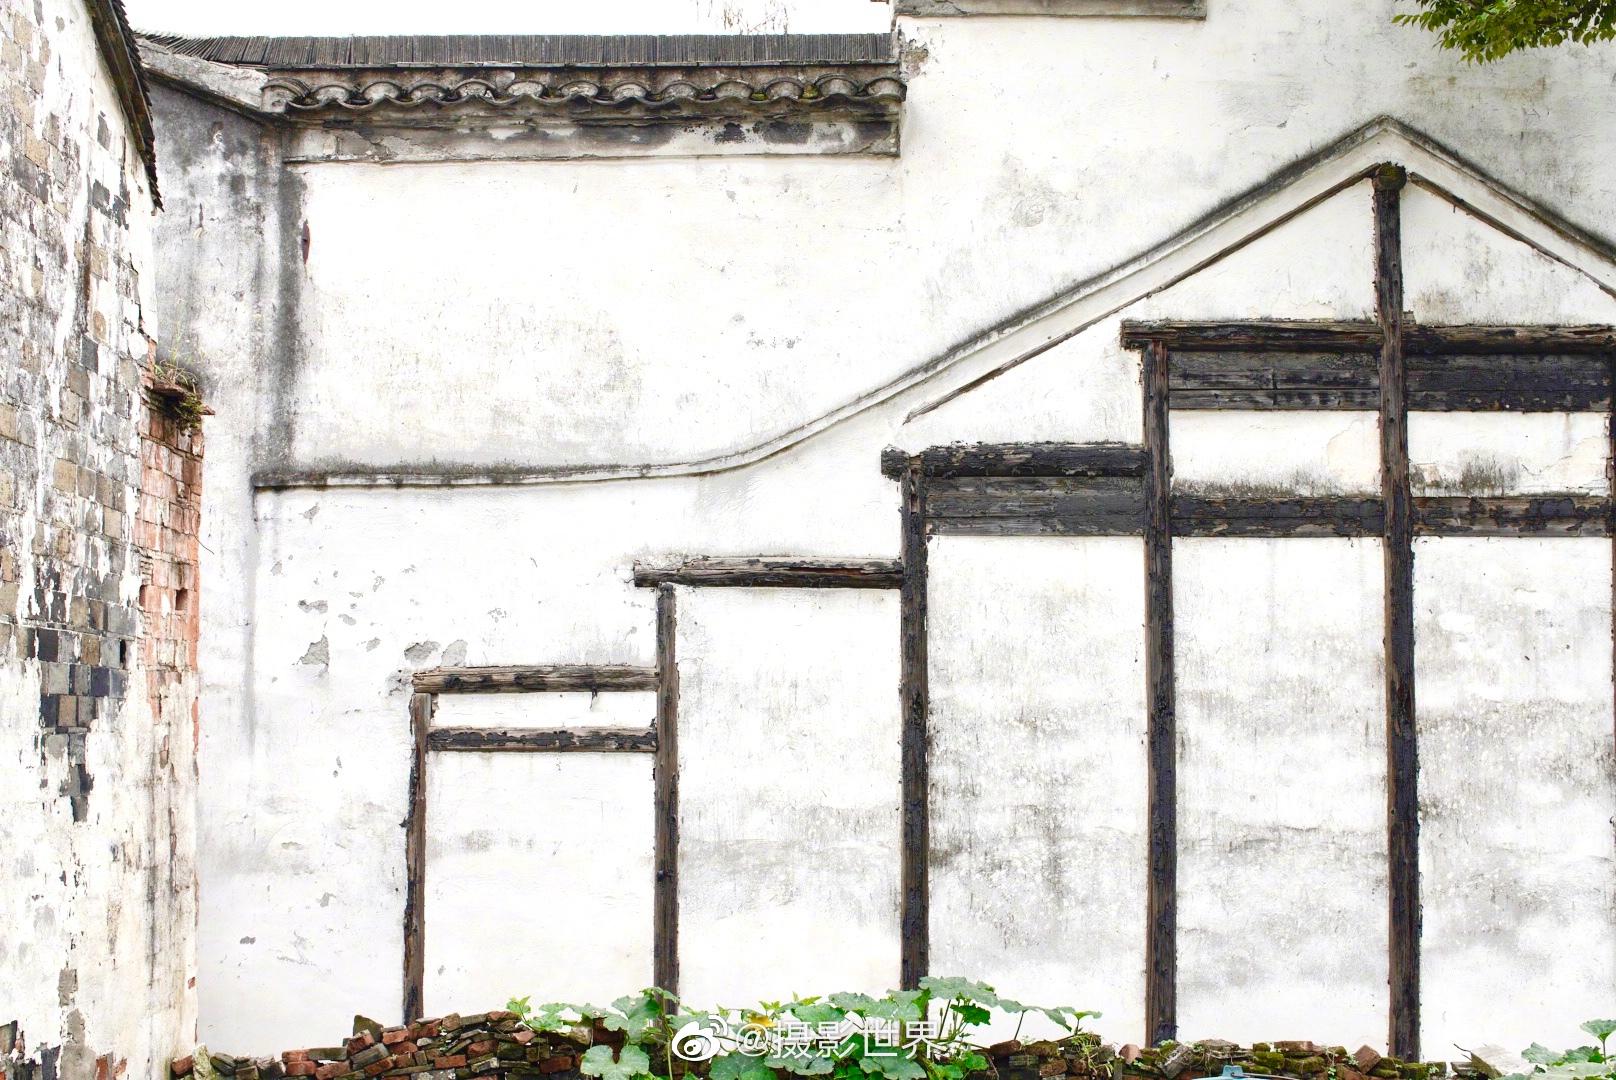 饱览古建遗风,追忆往昔岁月。建筑是凝固的音乐